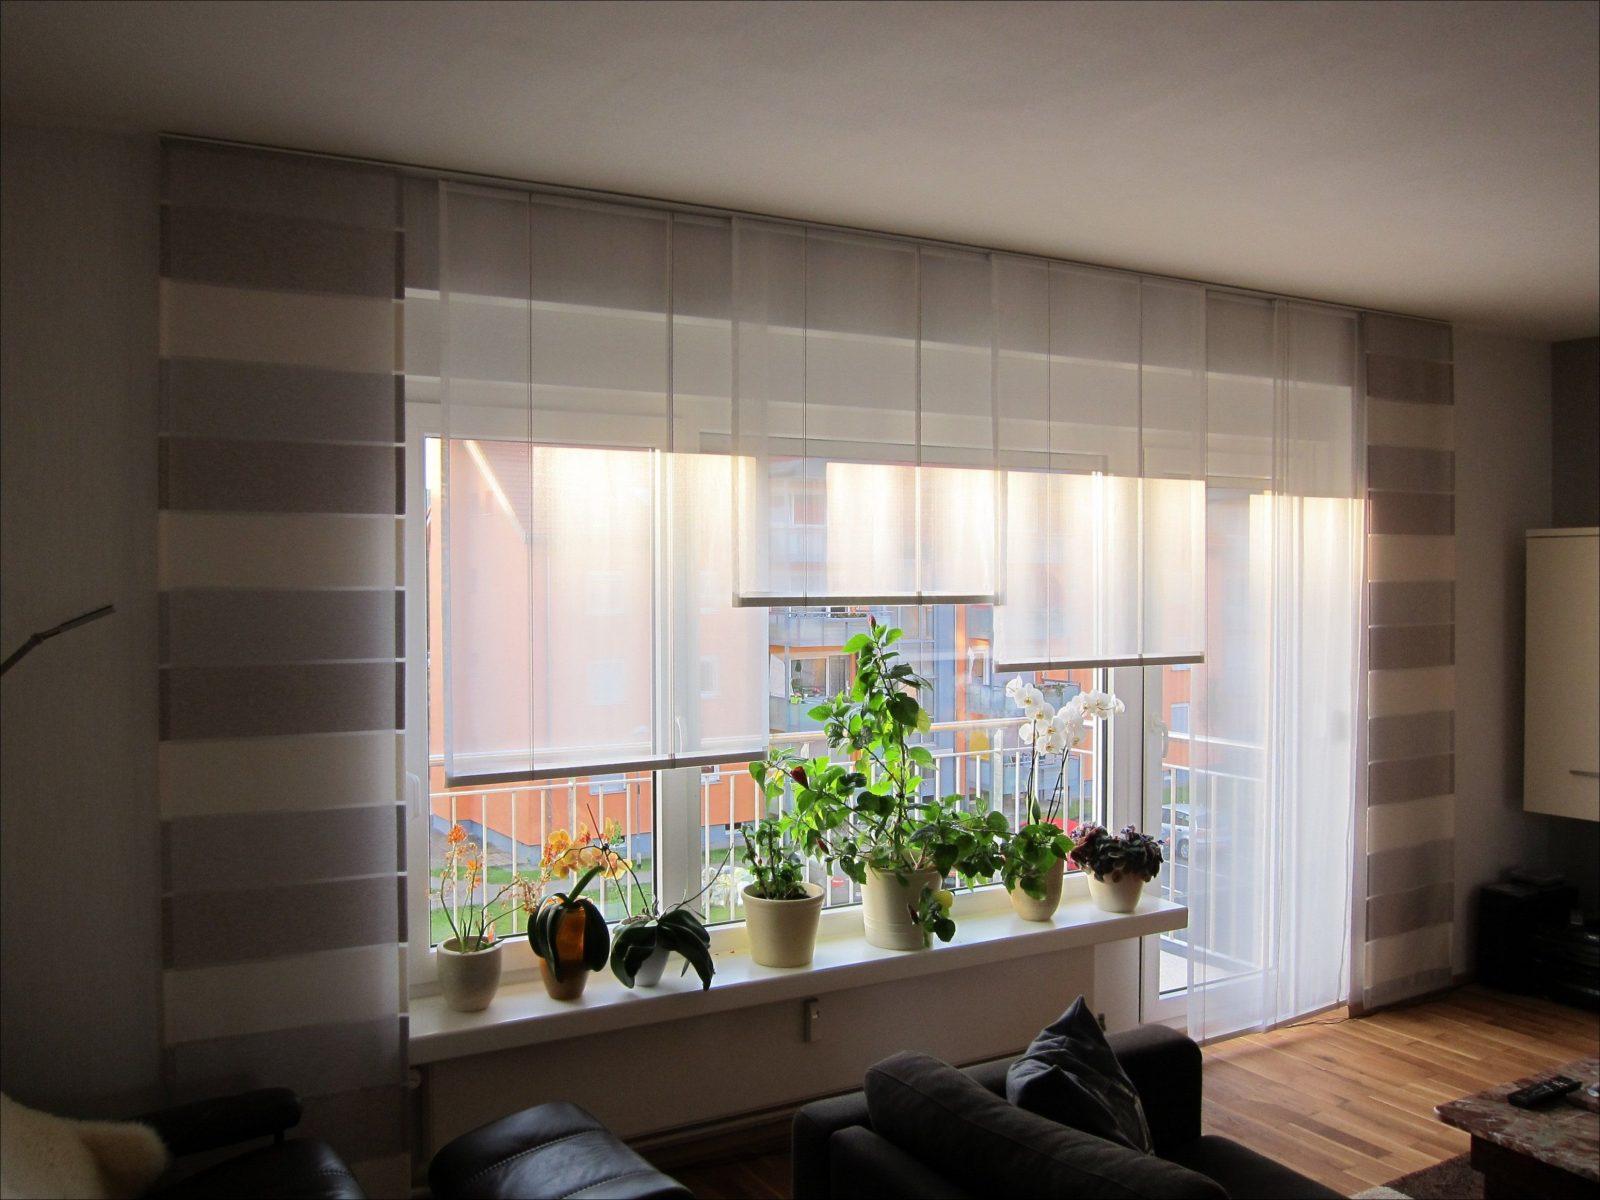 Fabelhafte Gardinen Große Fenster – Cblonline von Moderne Gardinen Für Große Fenster Bild